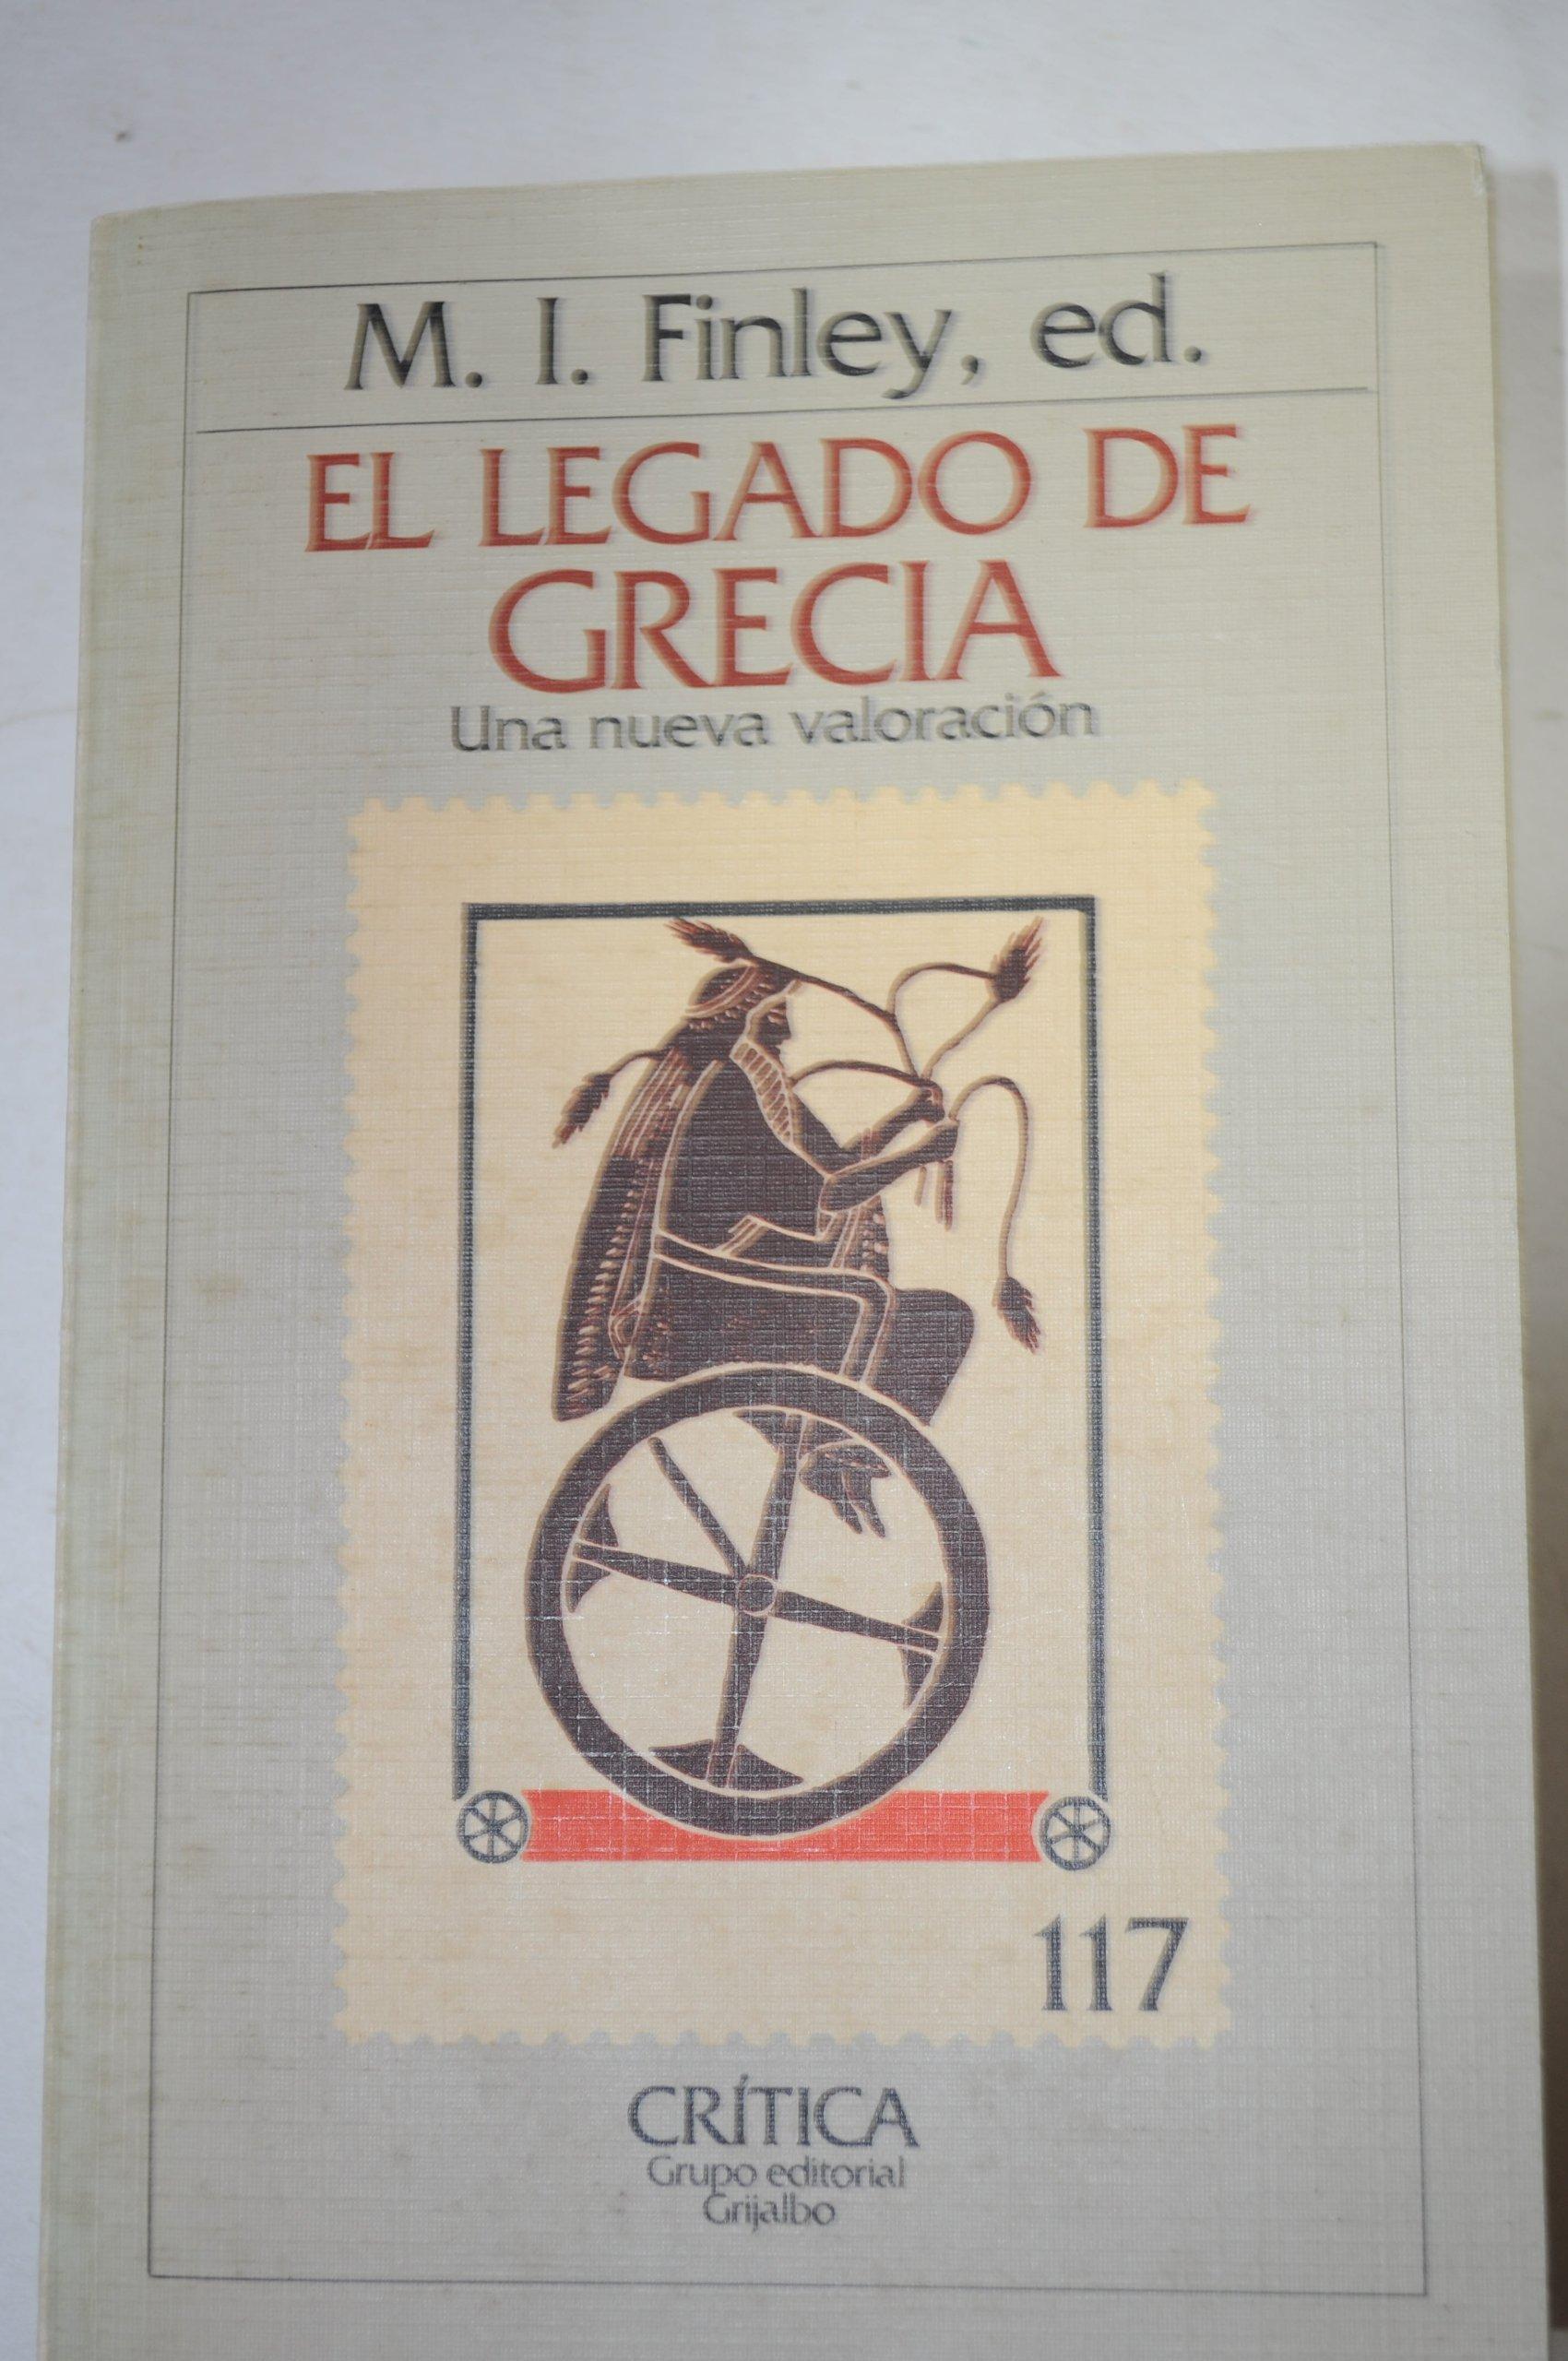 El legado de Grecia Una nueva valoración: M. I. Finley: 9788474232165: Amazon.com: Books